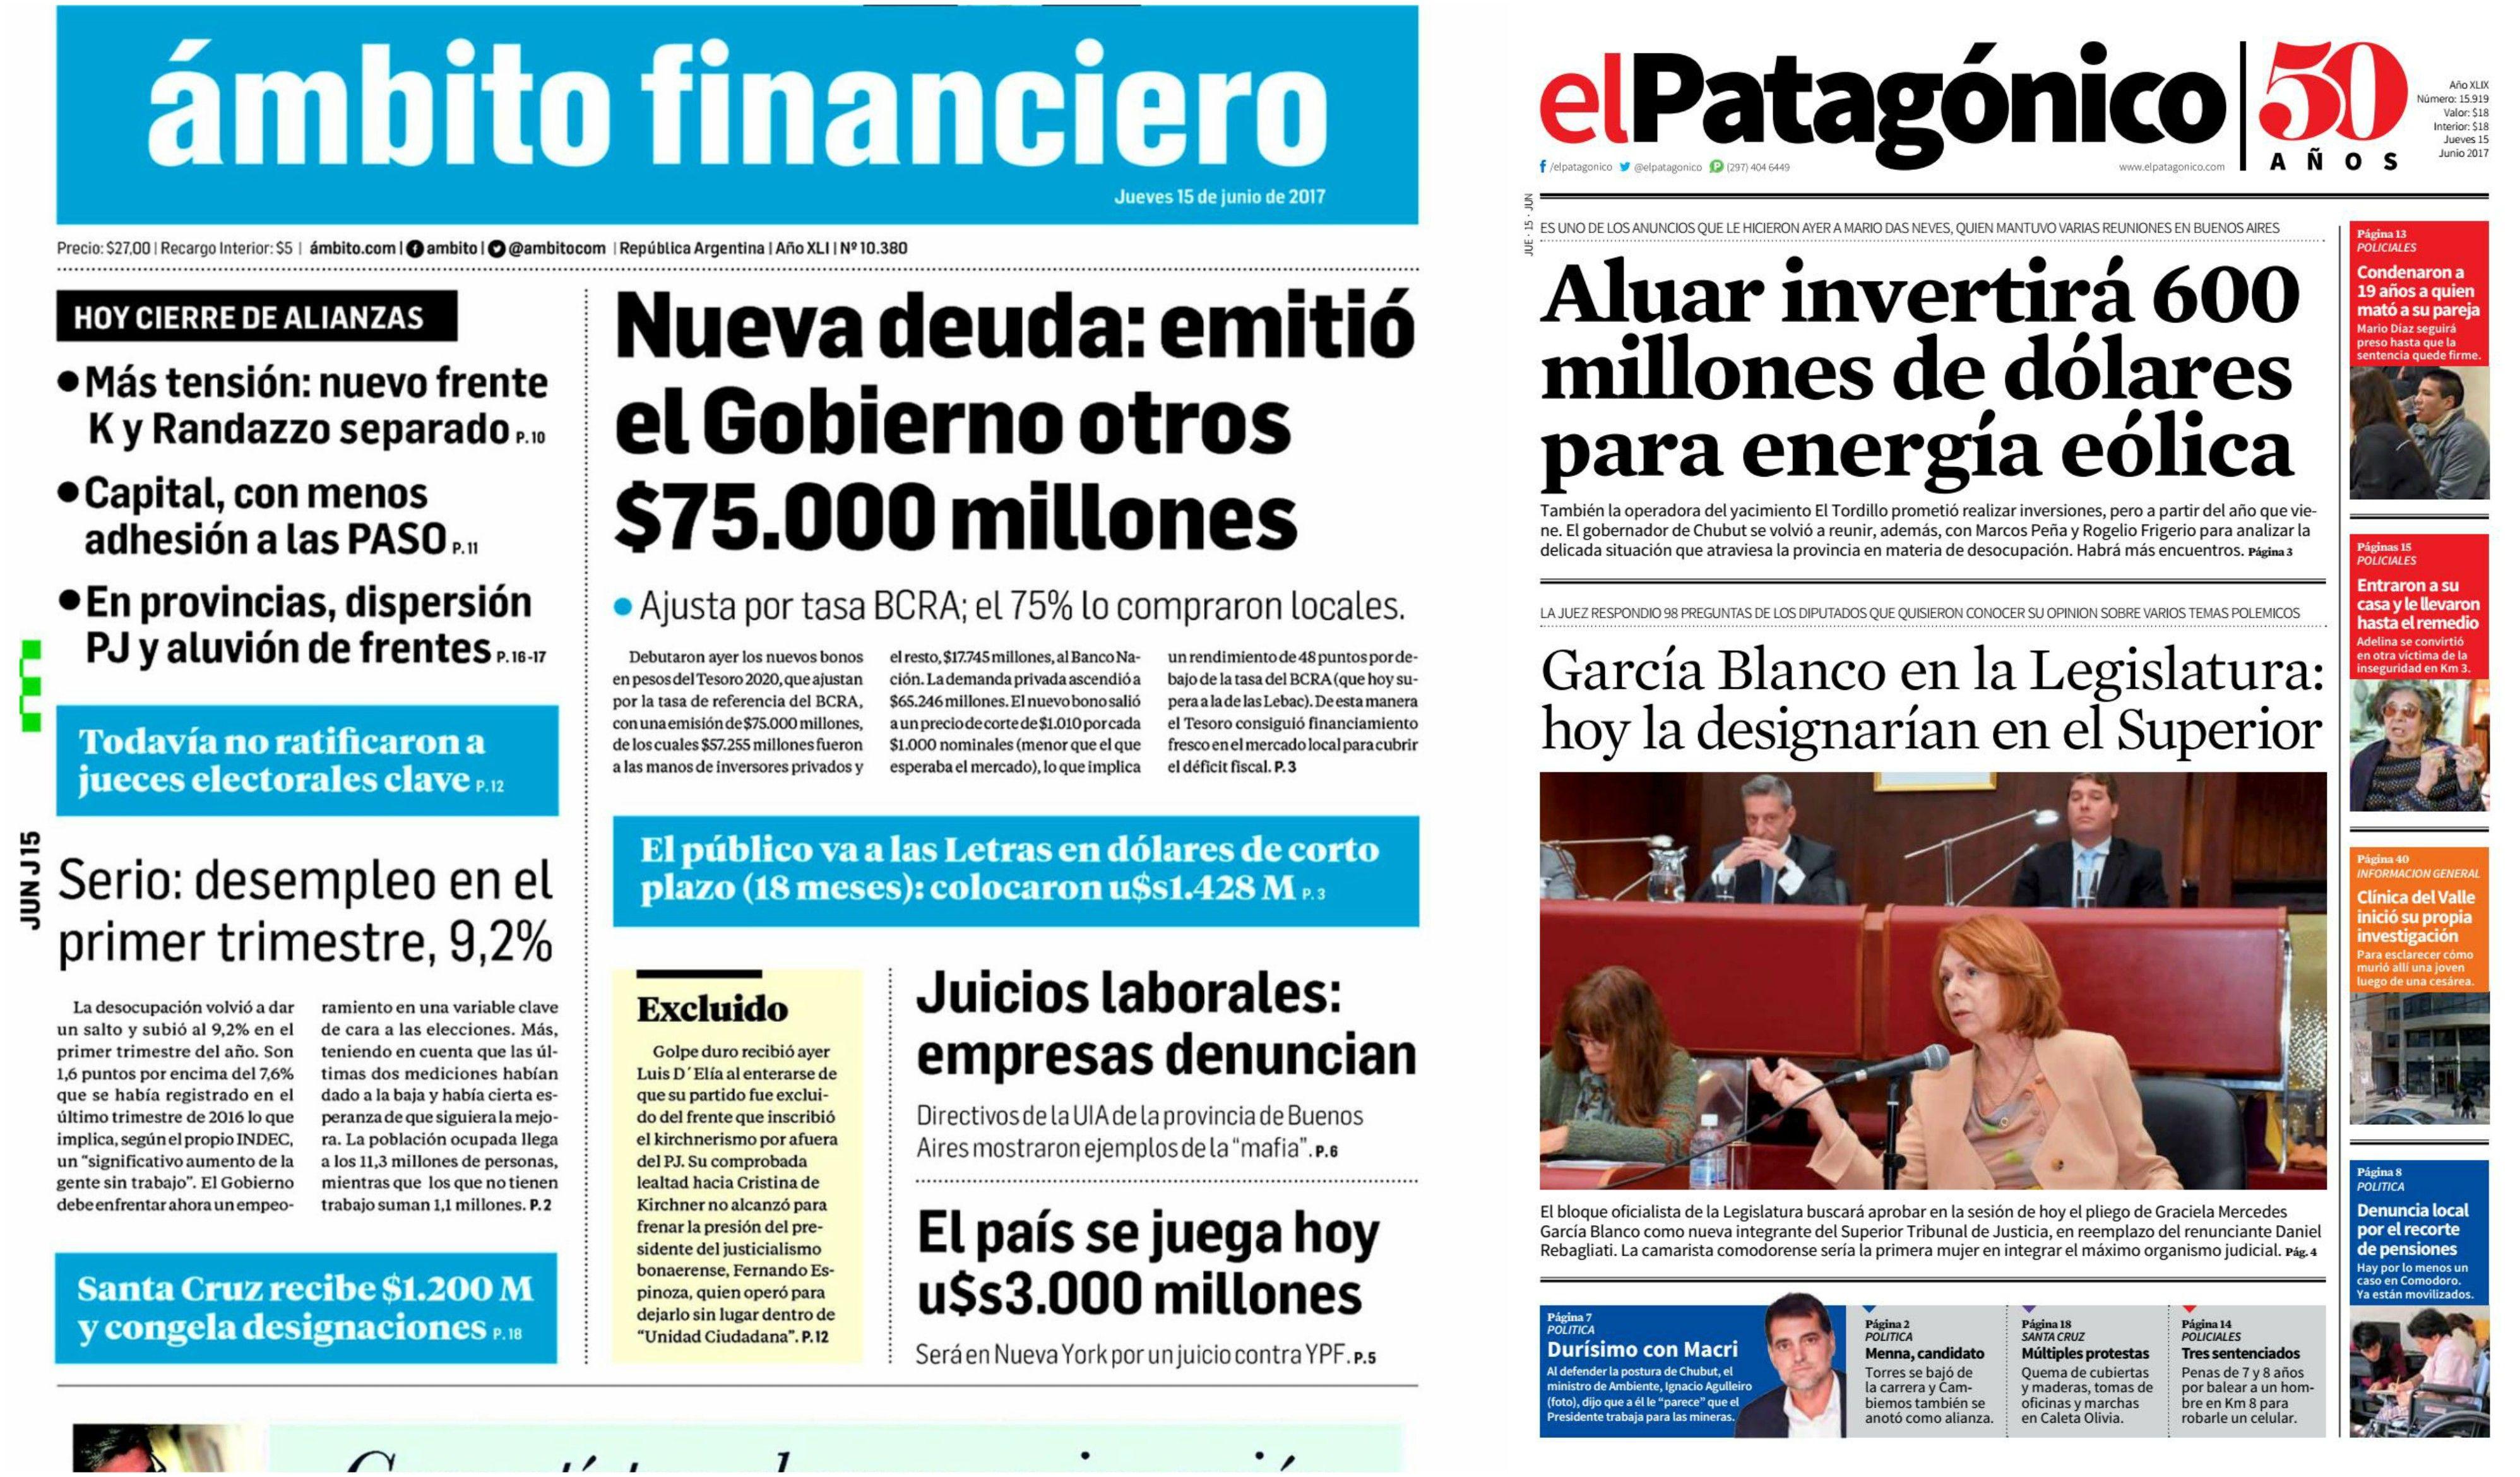 Tapas de diarios del jueves 15 de junio de 2017